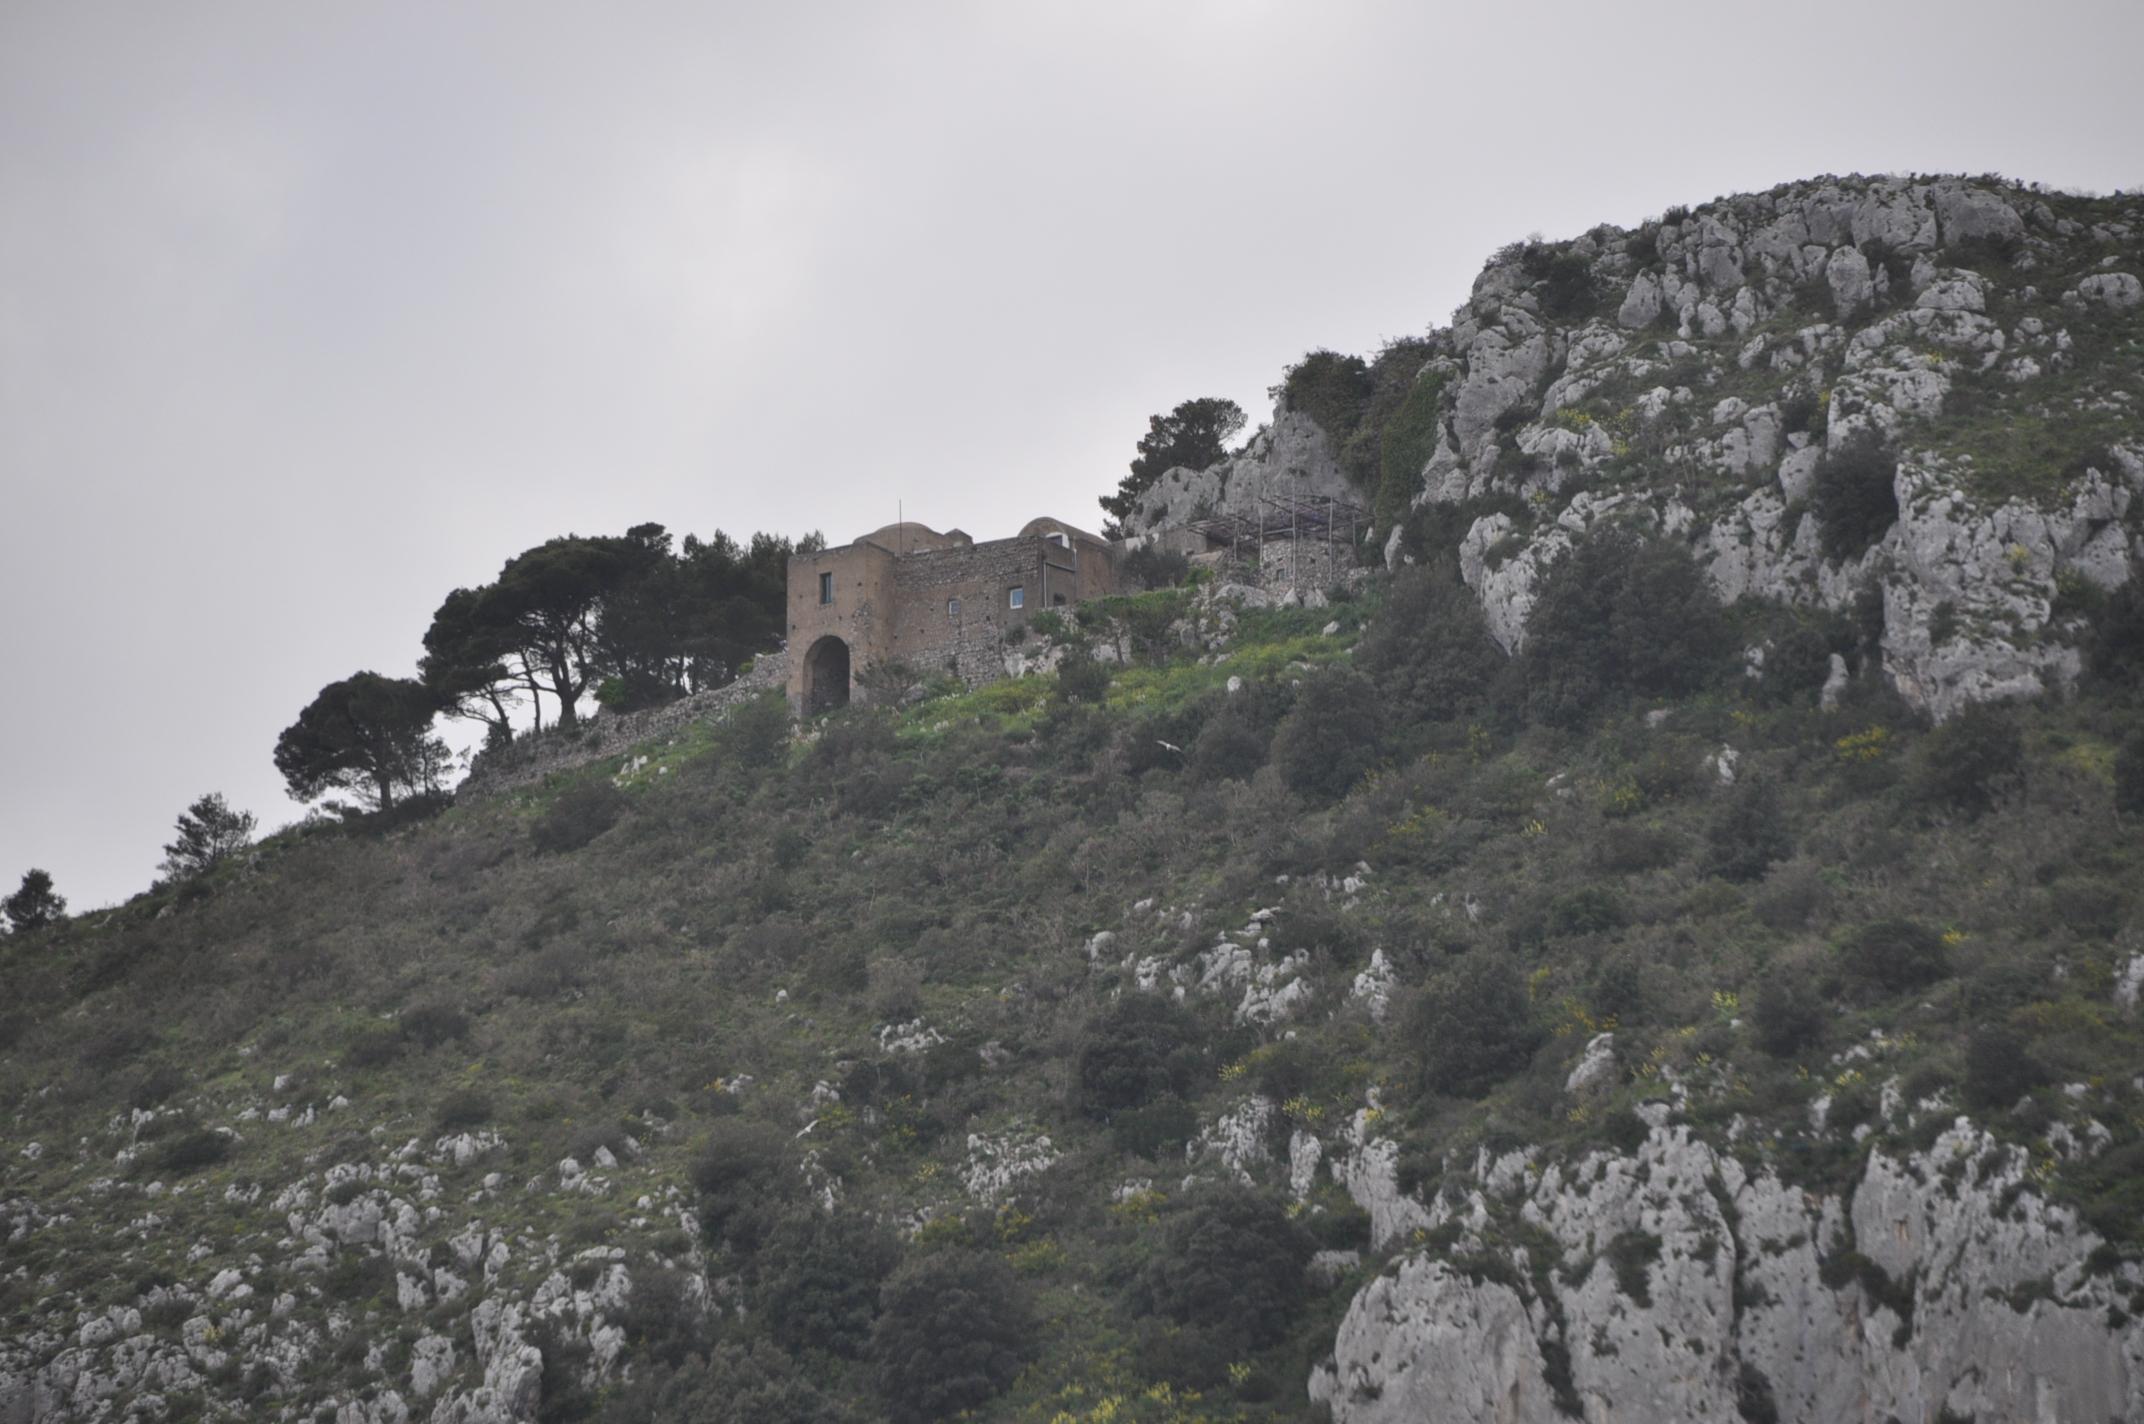 Religione: Gli orari delle celebrazioni nella chiesa di Santa Maria a Cetrella